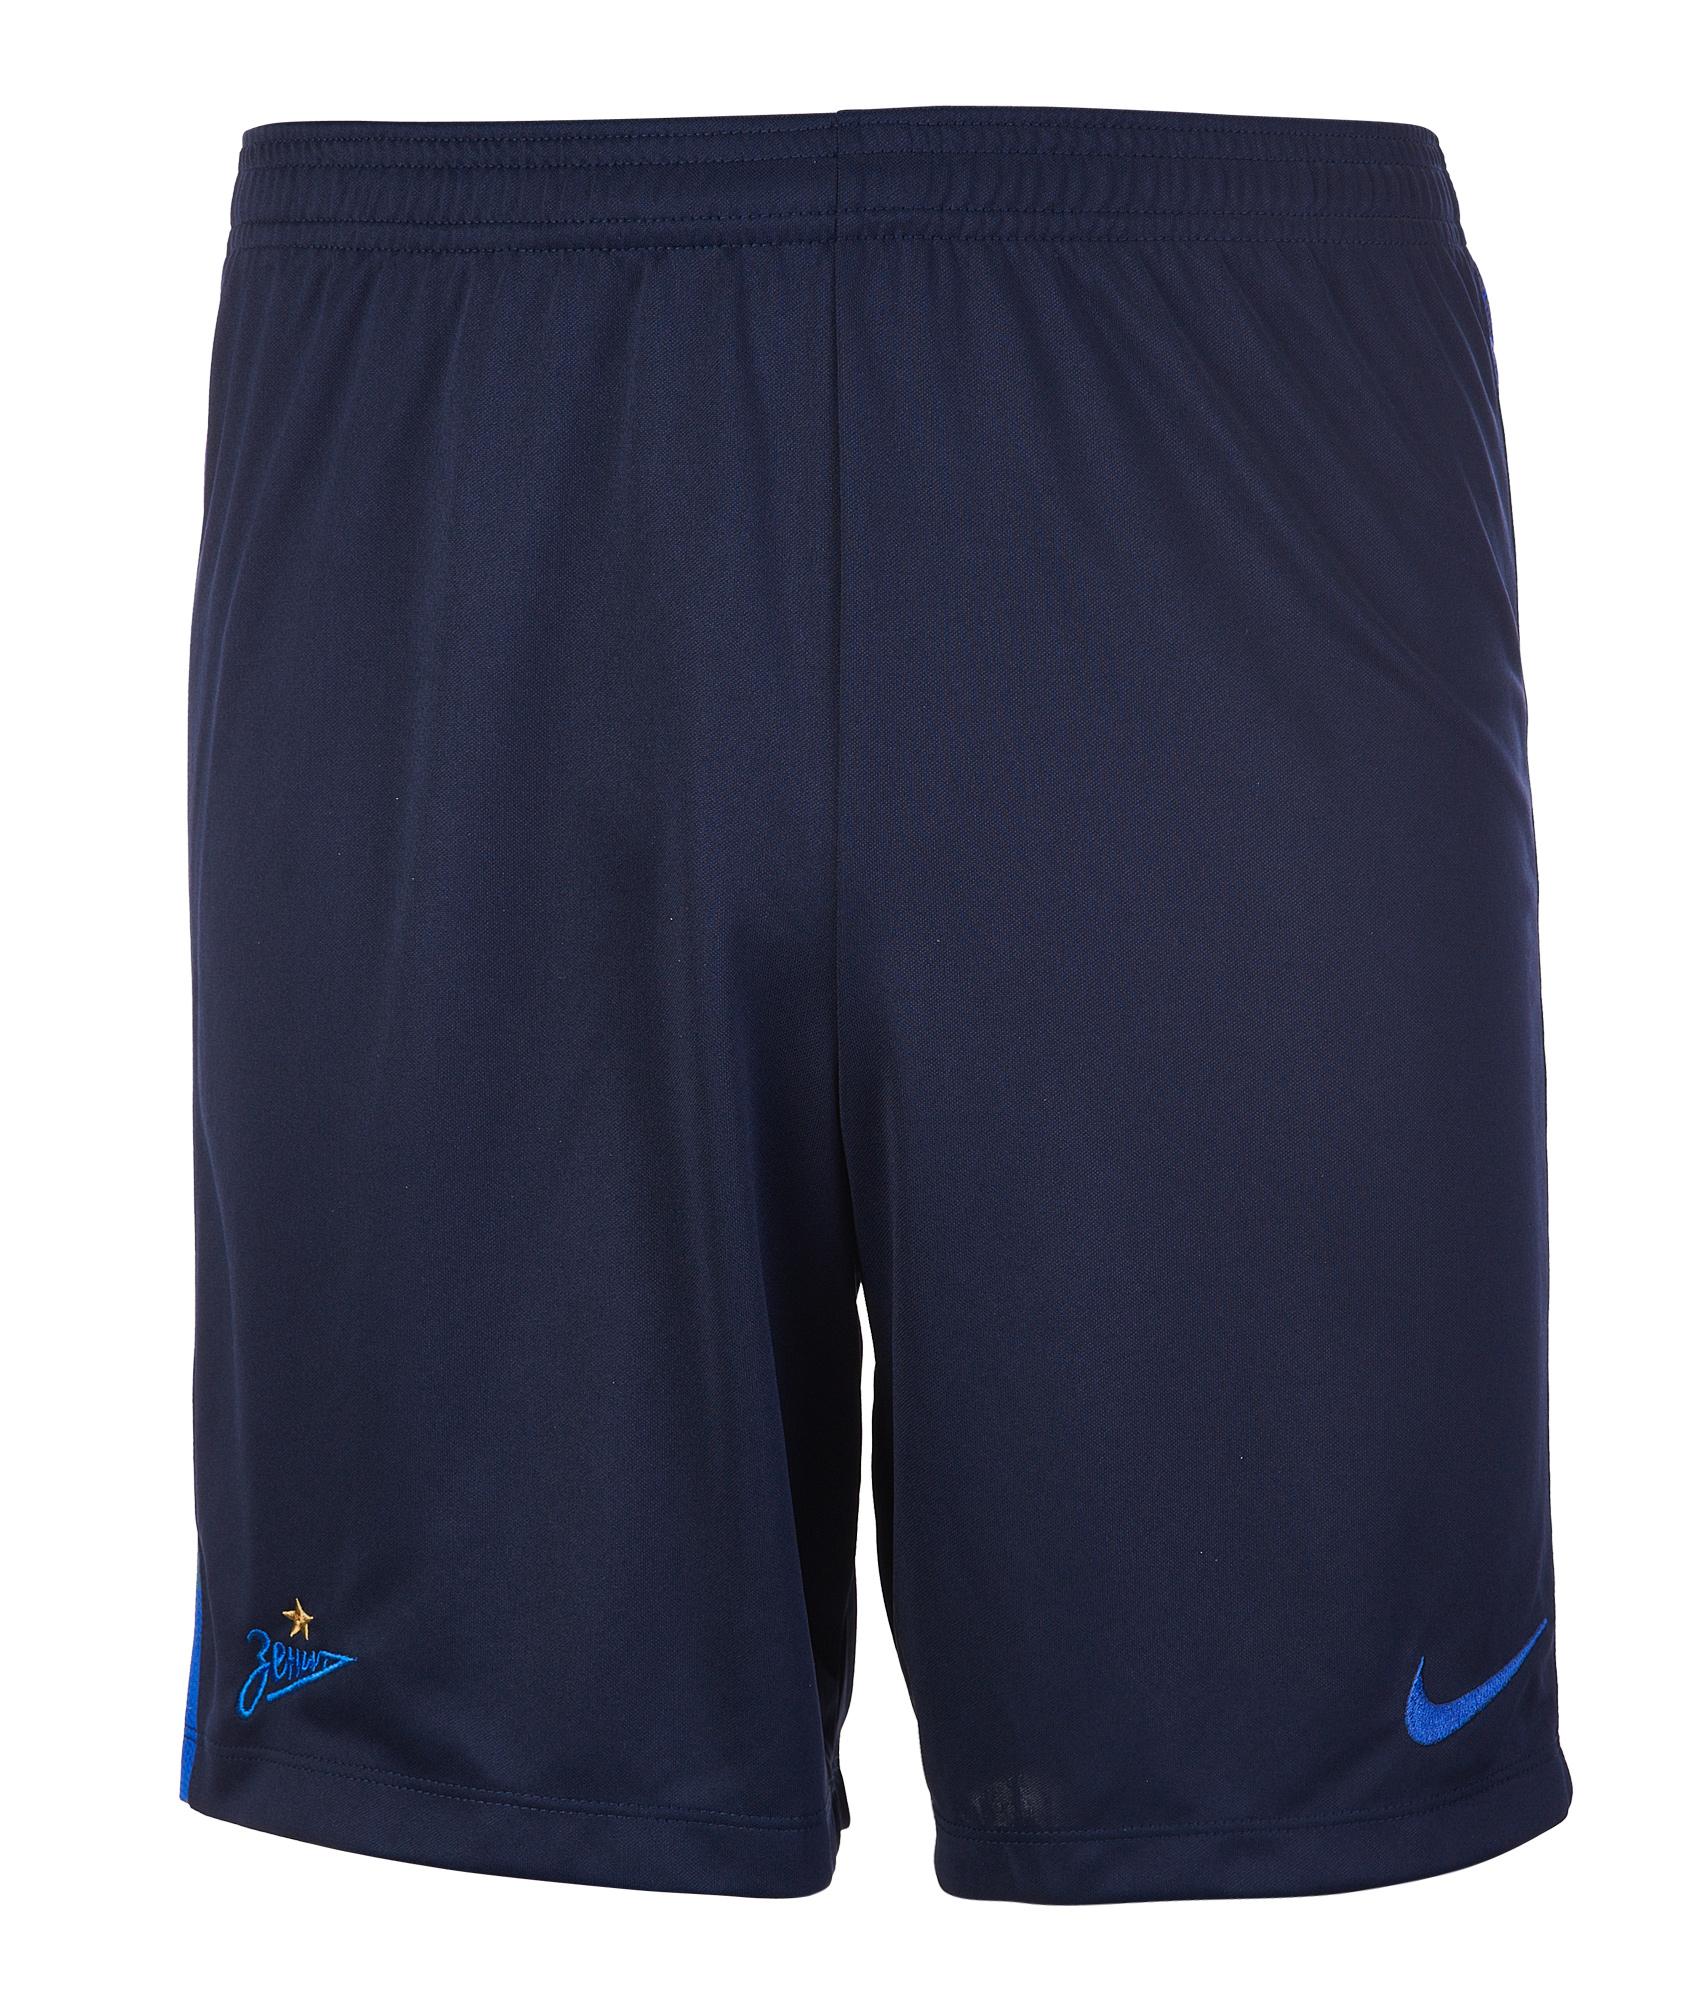 Шорты тренировочные подростковые Nike Zenit 2018/19 Nike шорты тренировочные подростковые nike zenit 2018 19 nike